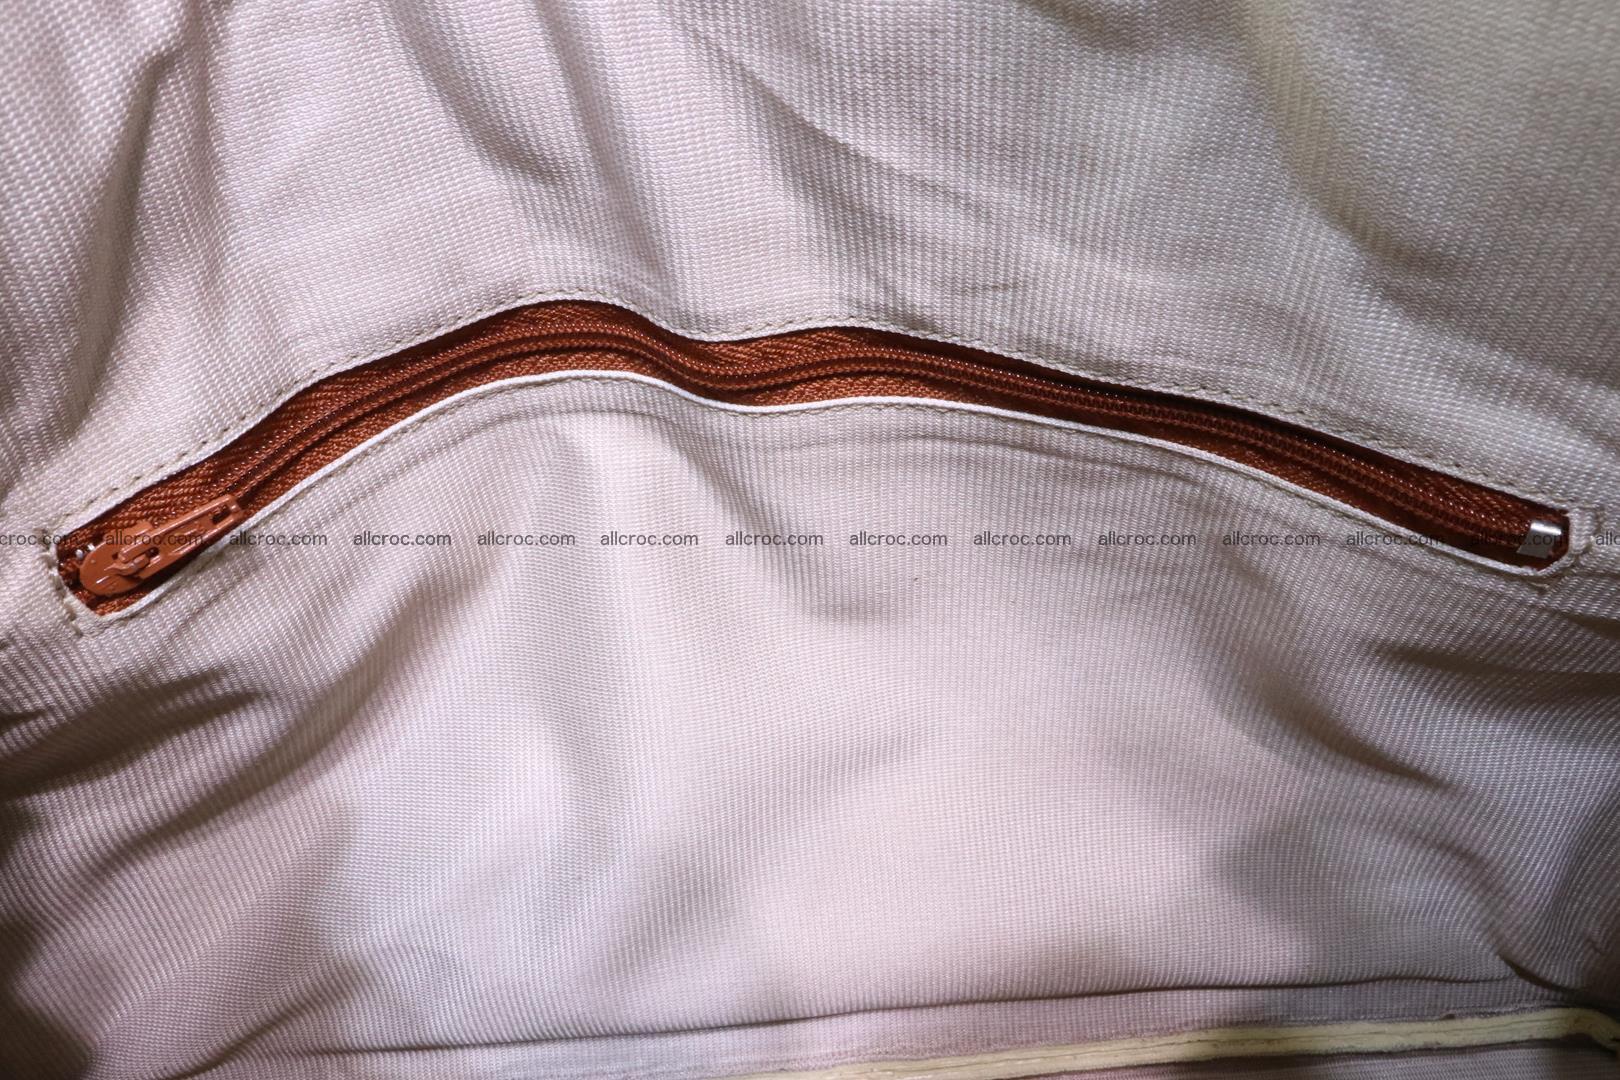 Python skin women's handbag replica of Birkin 200 Foto 14